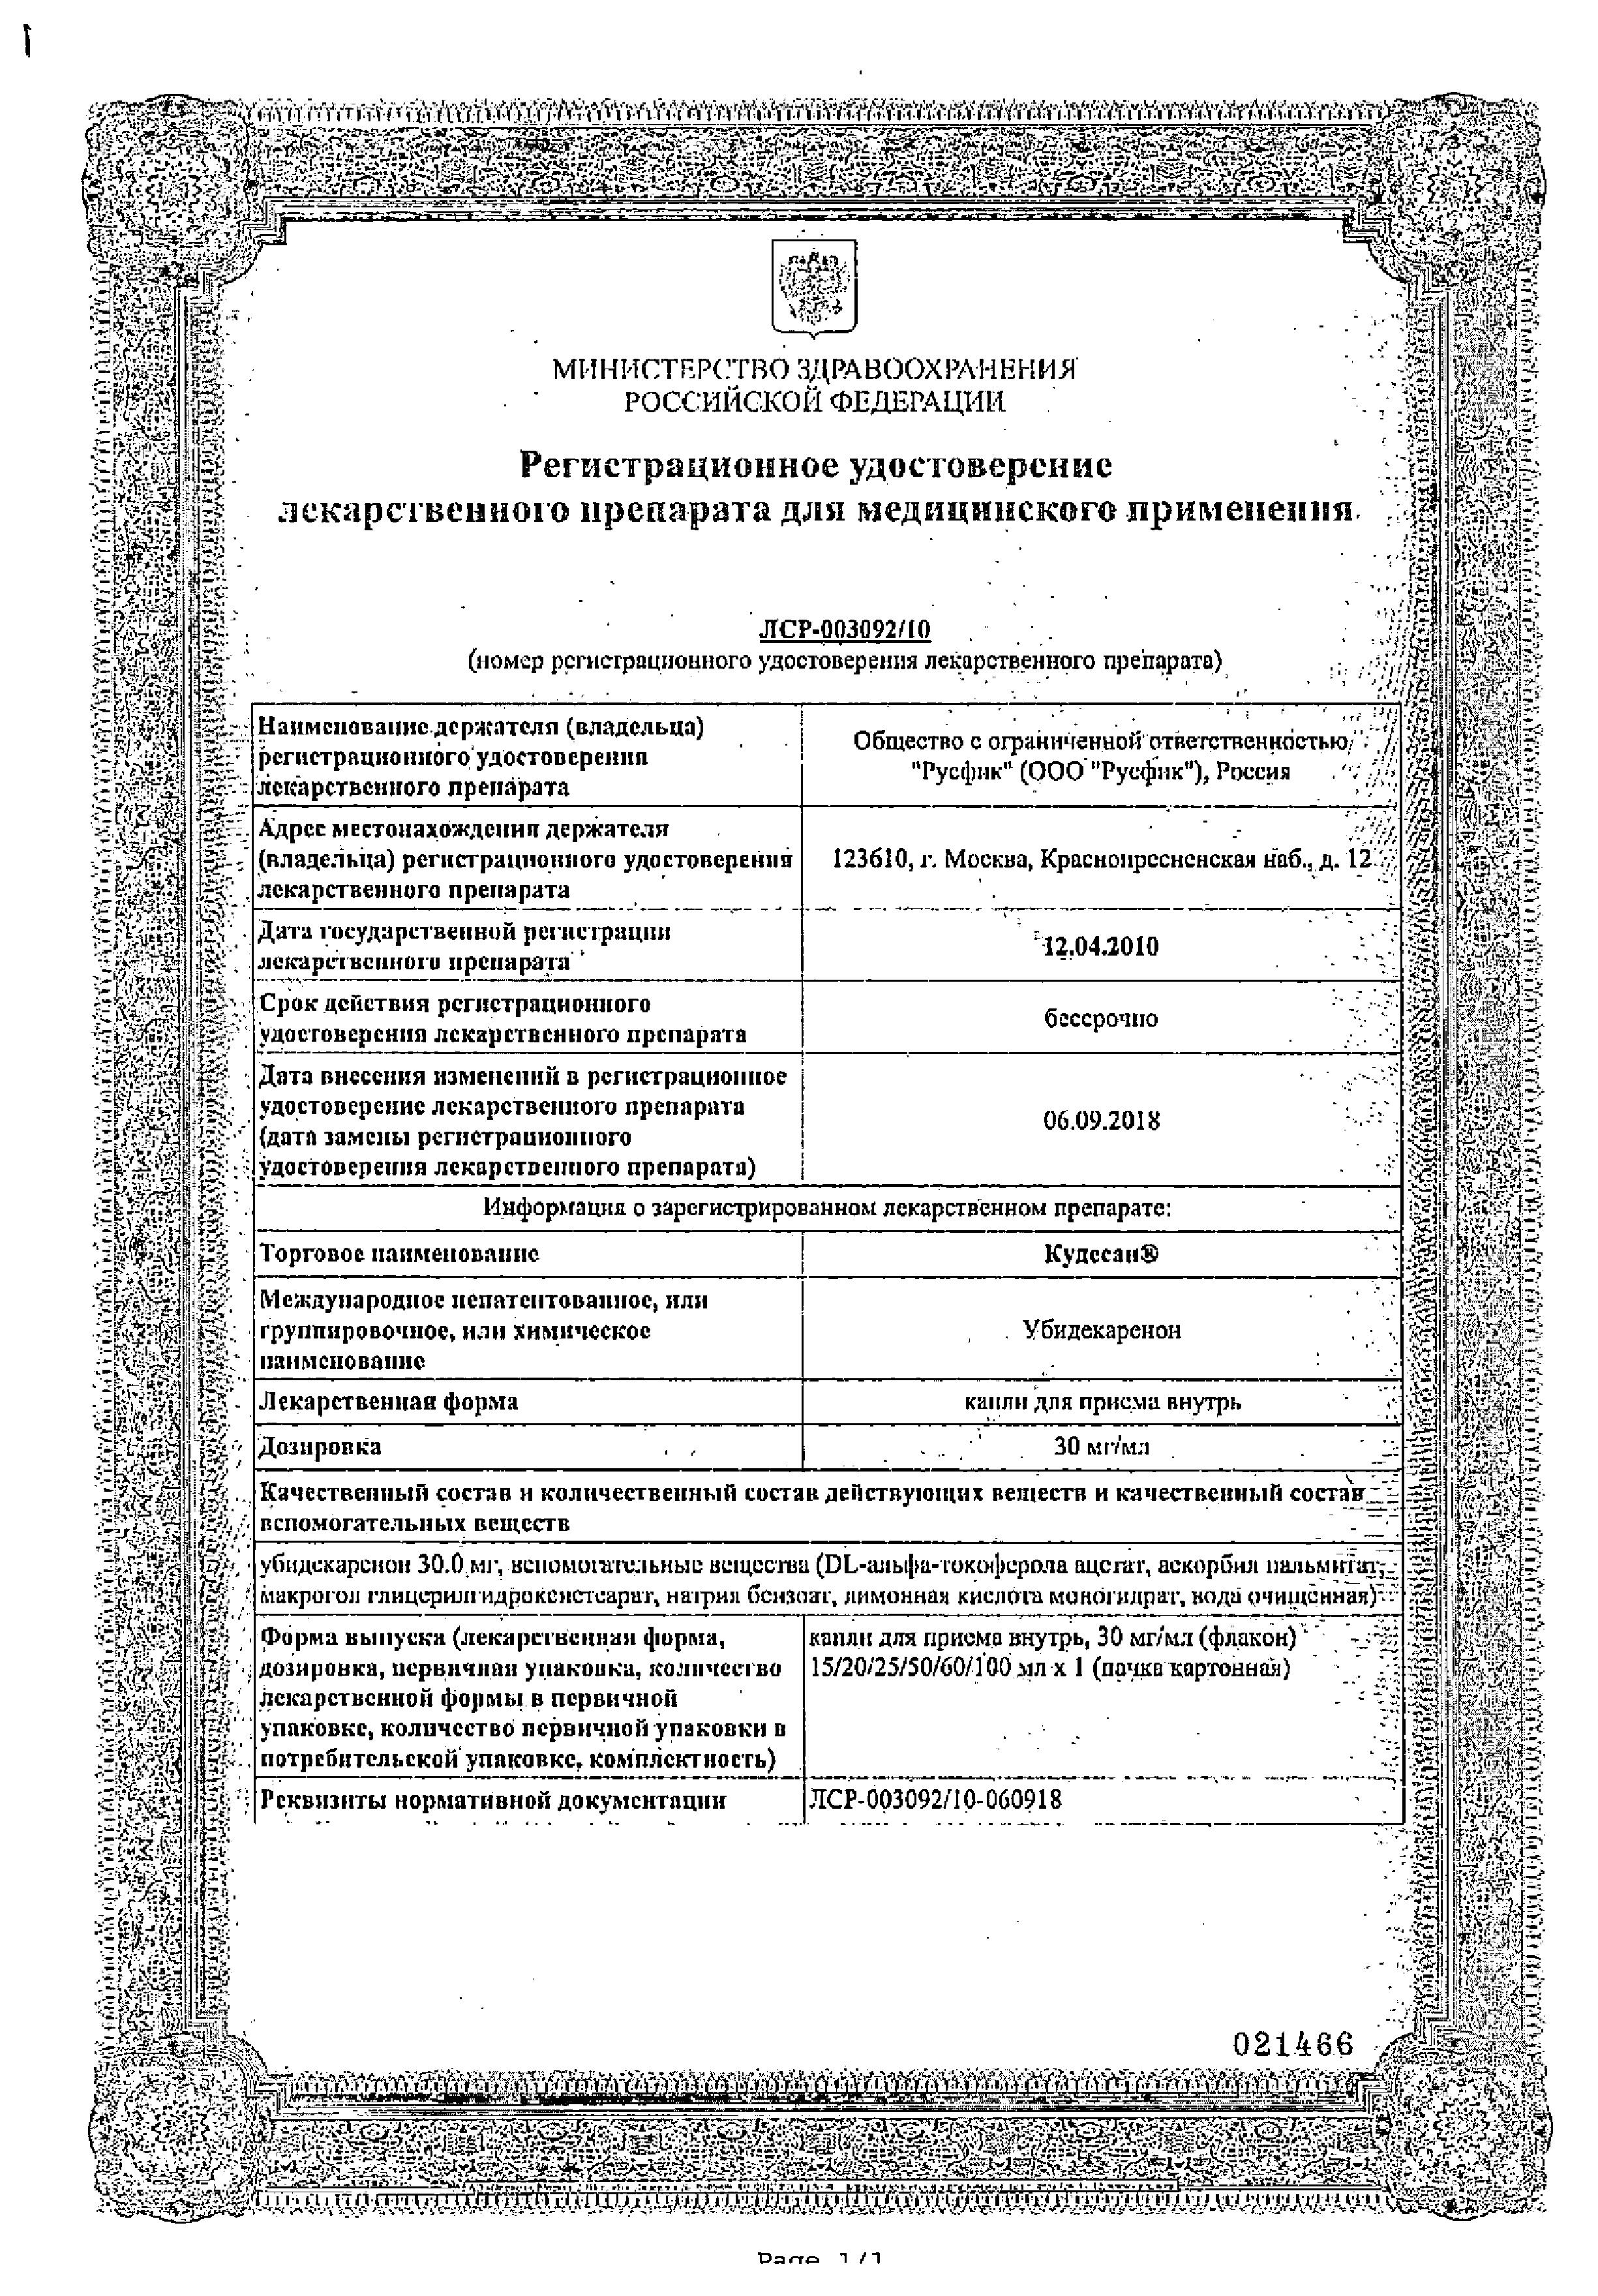 Кудесан сертификат